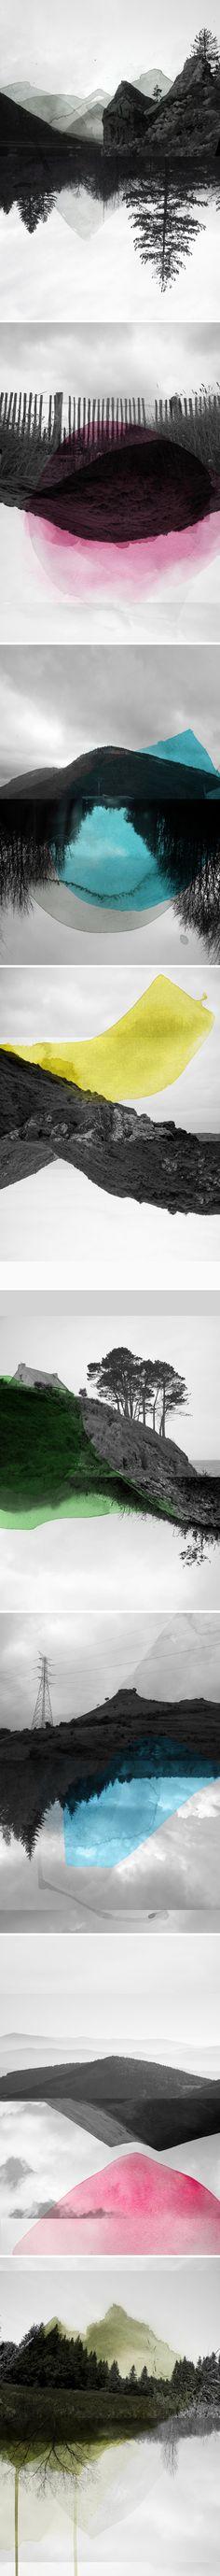 pour l'idée d'un paysage en noir et blanc avec une tache de couleur qui aura coulé (le paysage pourrait être la plage ou un fleuve ou une ville communiste)